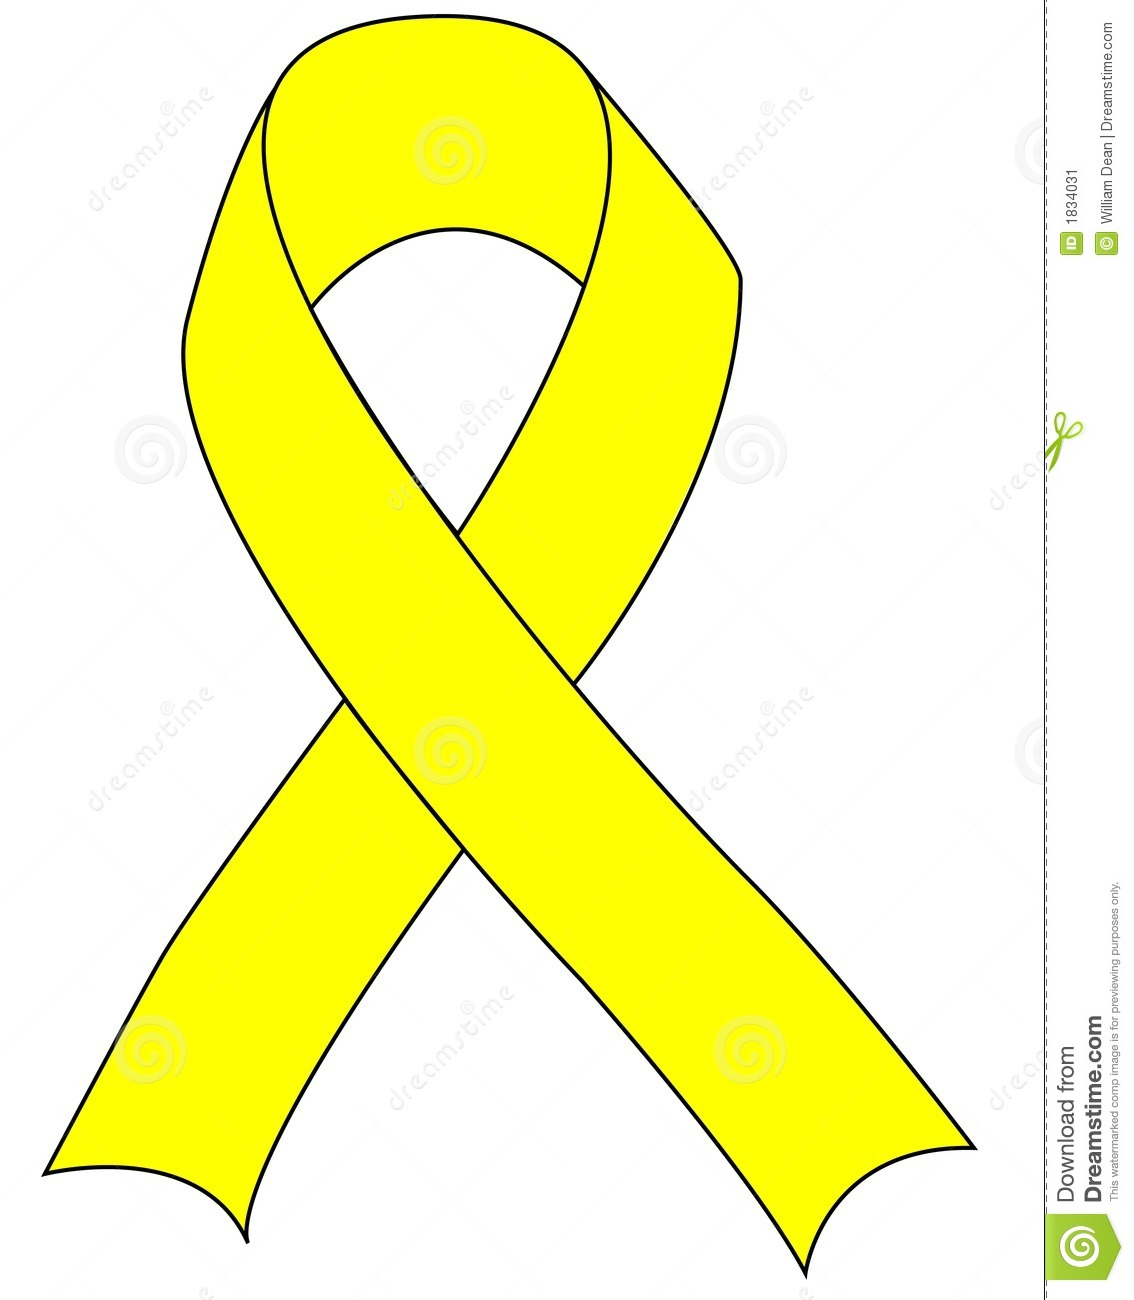 Yellow Ribbon Cancer Yellow Ribbon Signifying